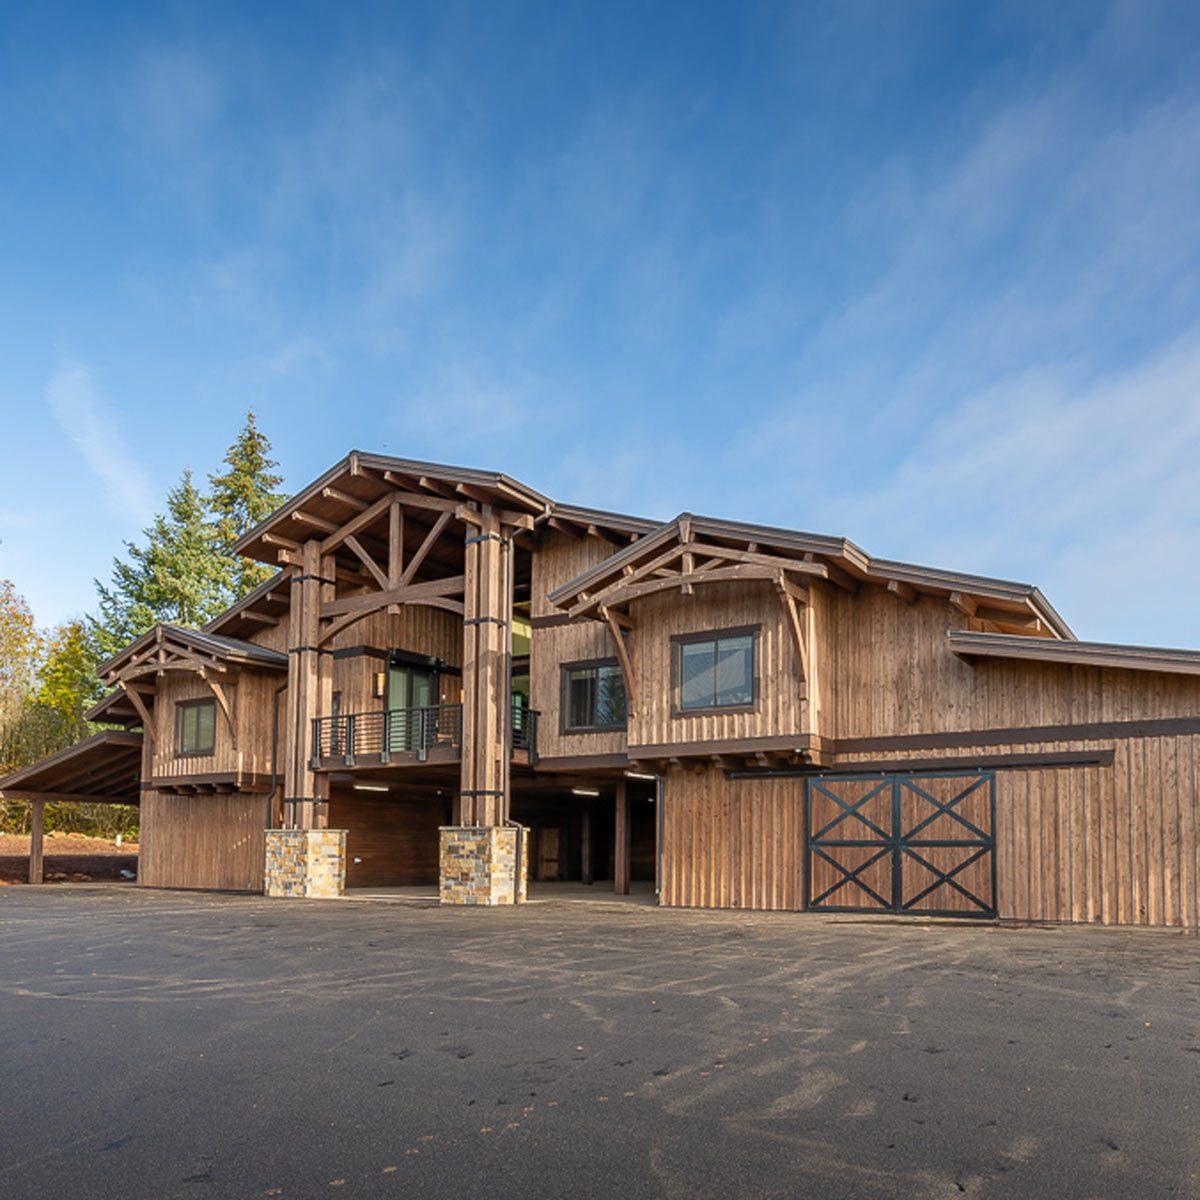 Oregon City Home and Equestrian Center